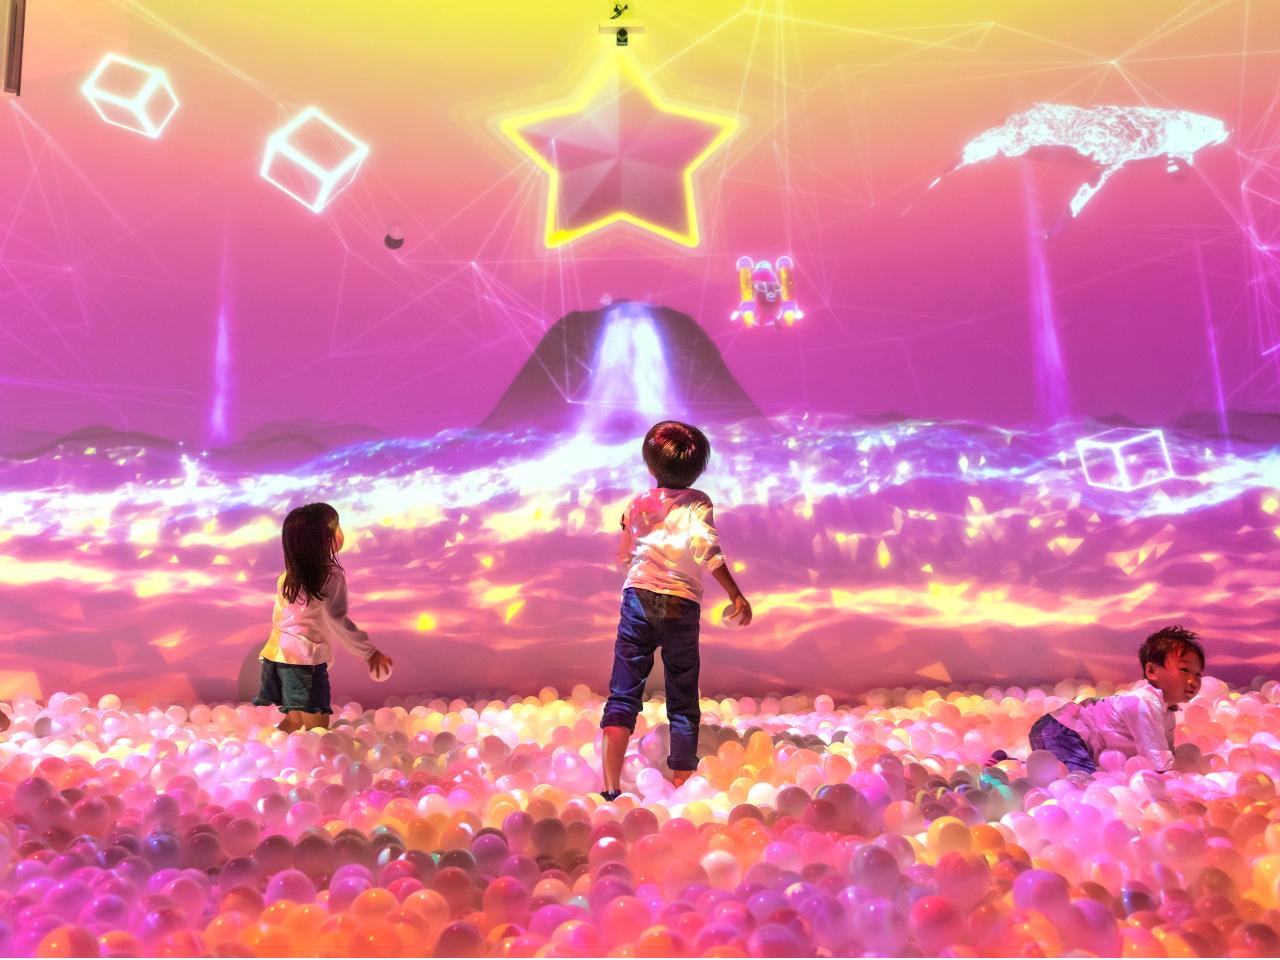 【時間制入場チケット わくわく60分!】遊びが学びに変わる次世代型テーマパーク♪...